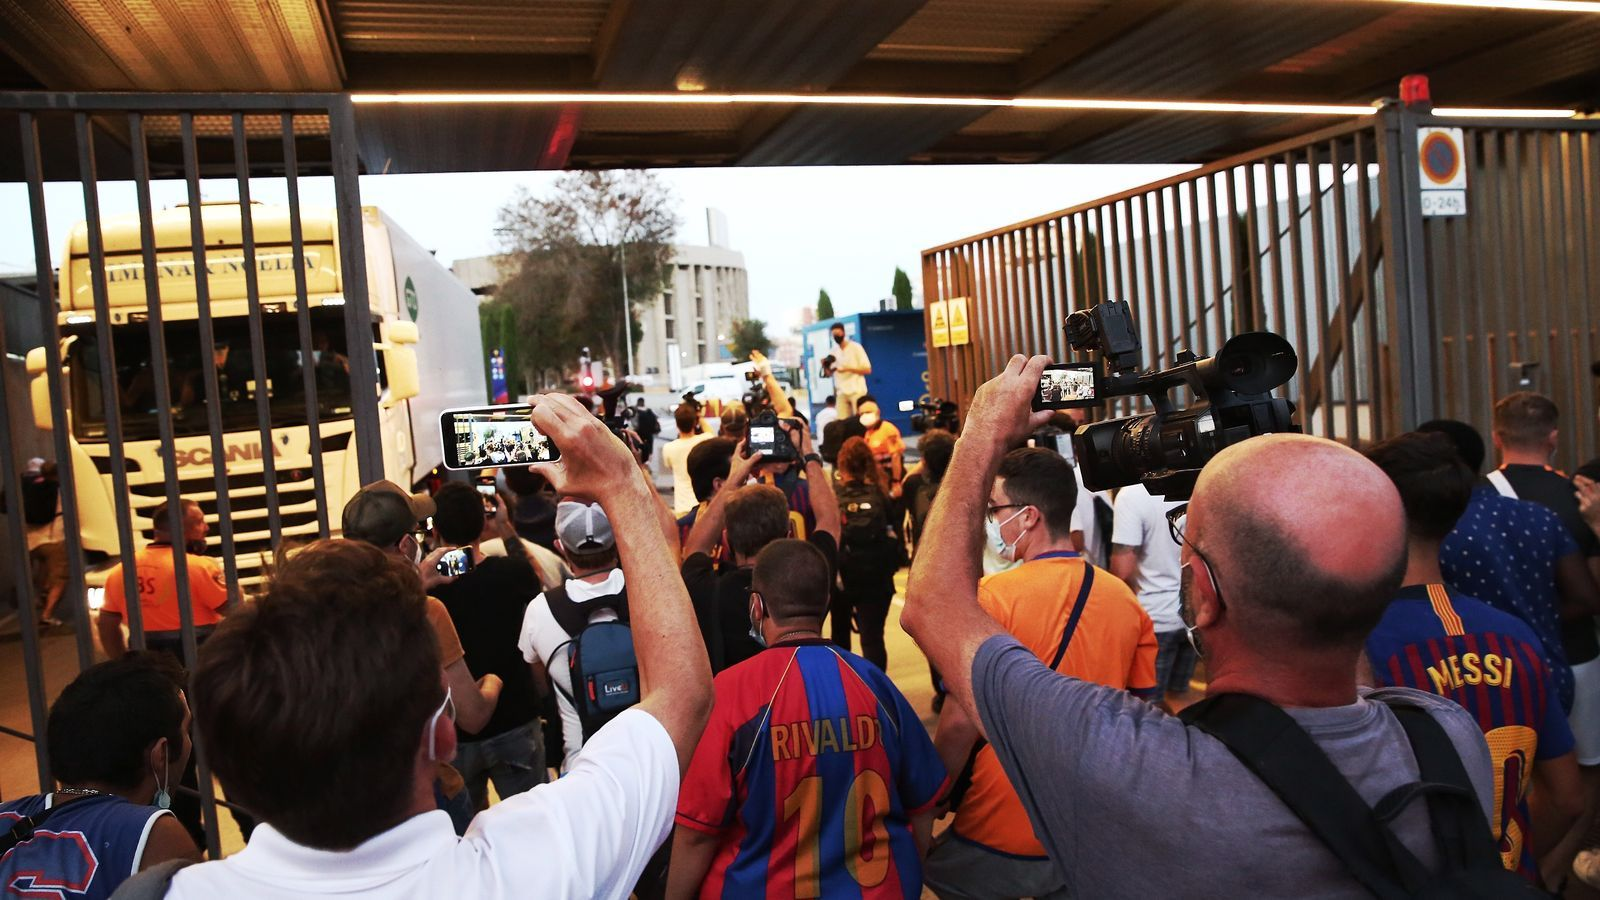 Un grup d'aficionats es manifesta contra Bartomeu a les portes del Camp Nou